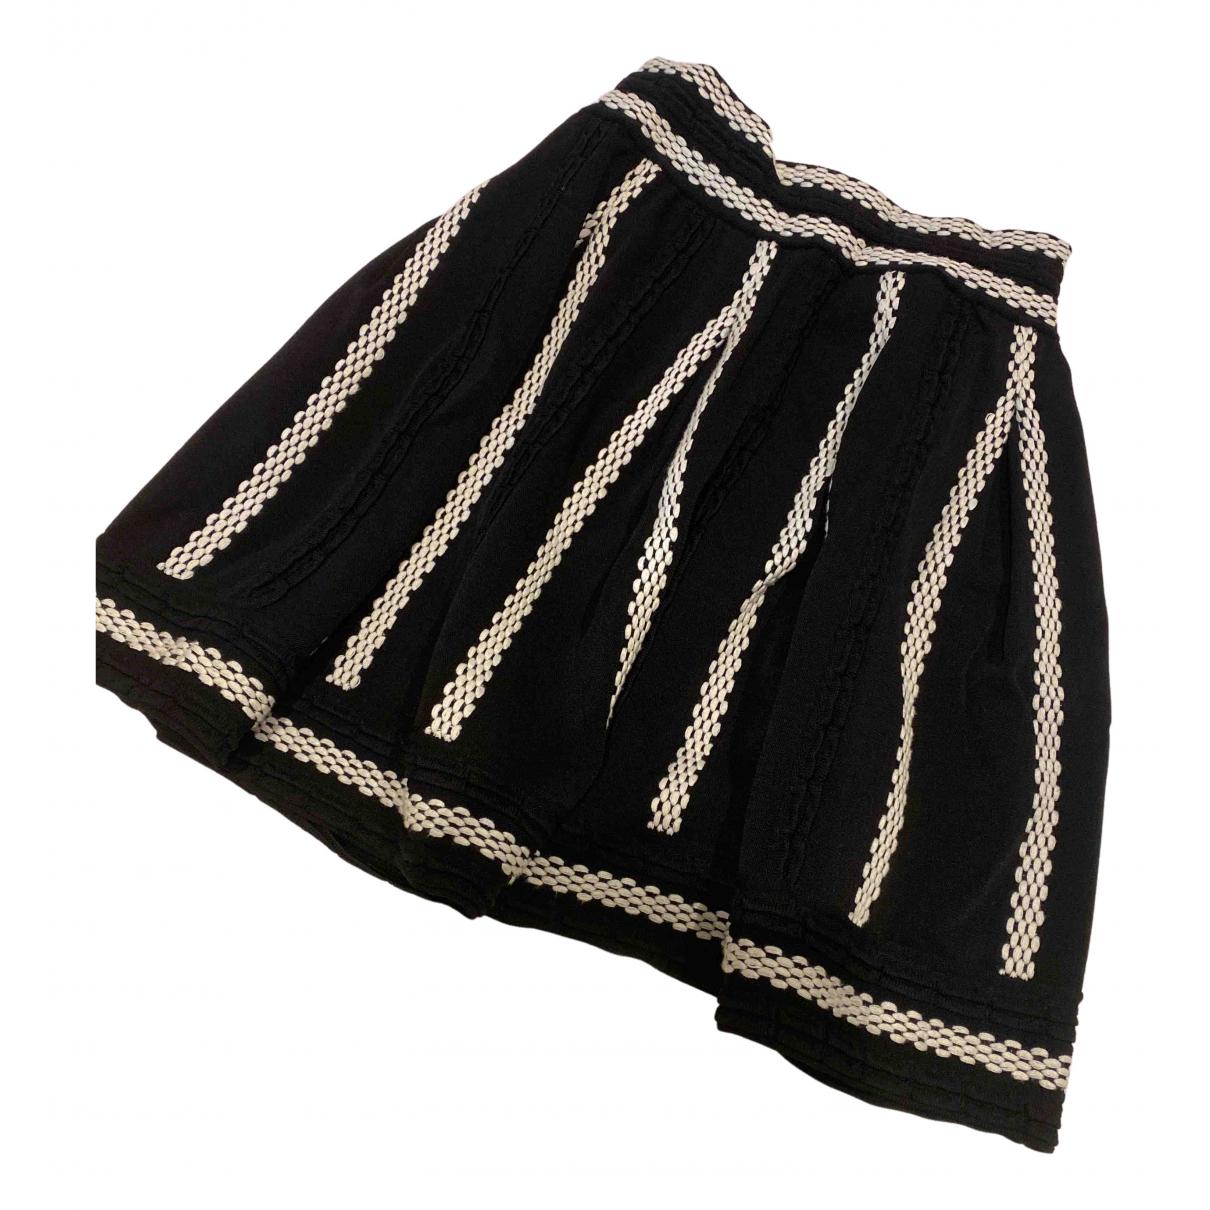 Maje N Black skirt for Women 3 0-5